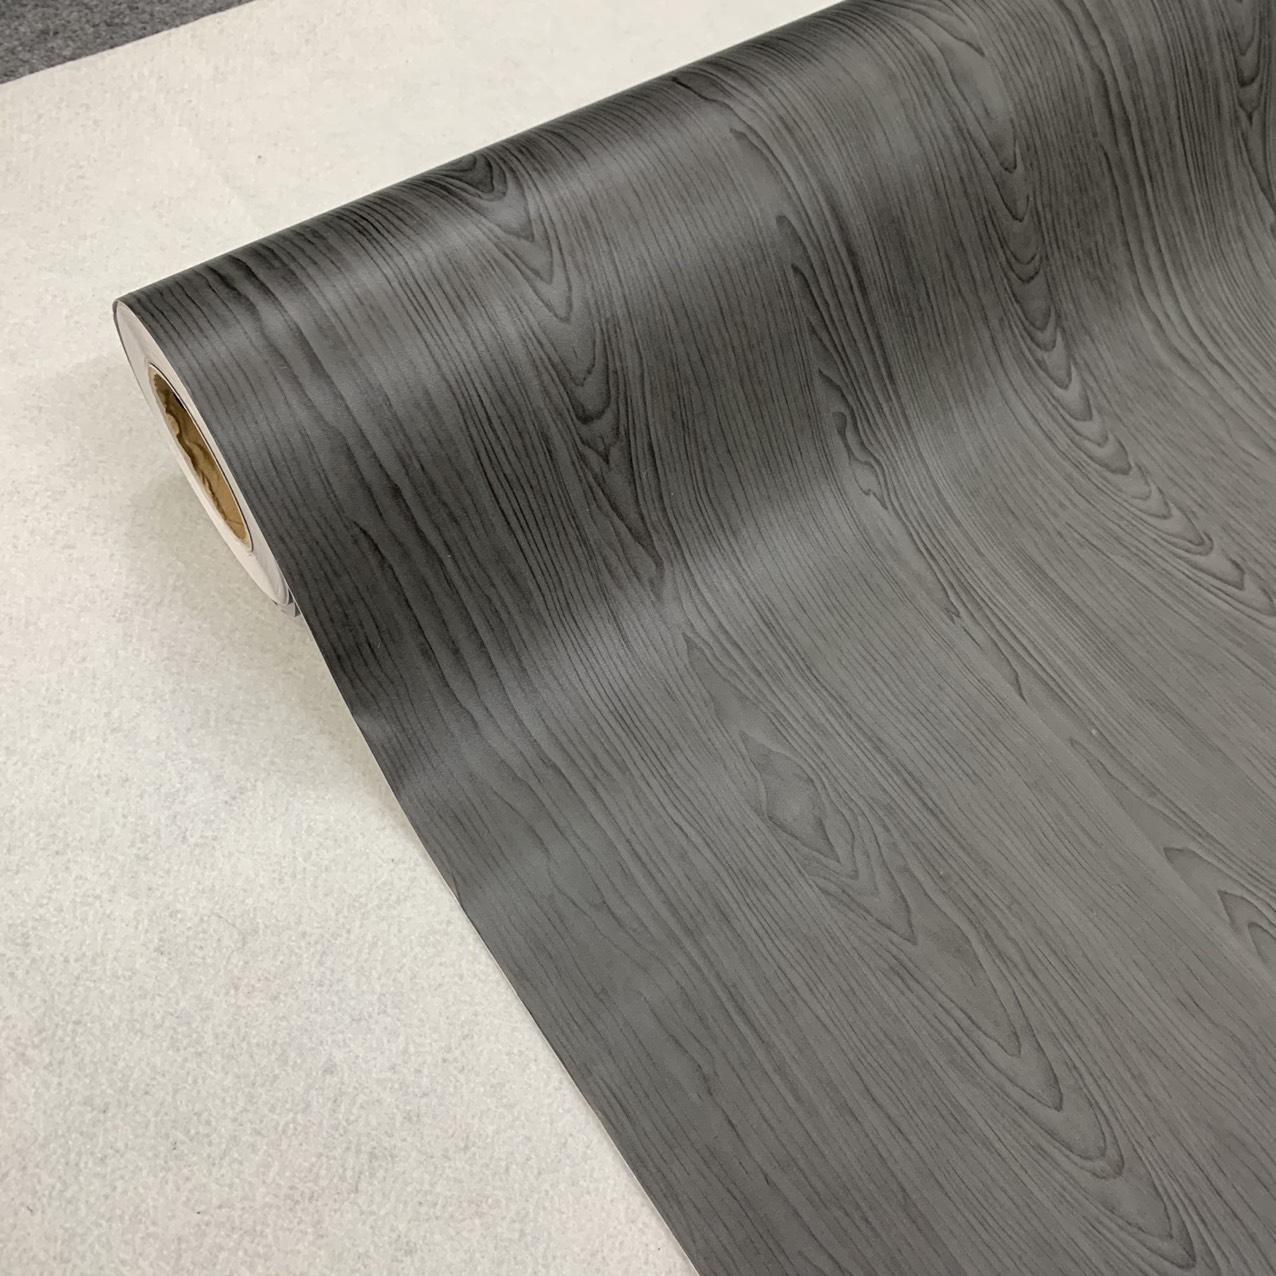 Decal gỗ màu đen - Giấy dán tường bàn tủ có sẵn keo ( khổ 1,2m - Mẫu G13 )